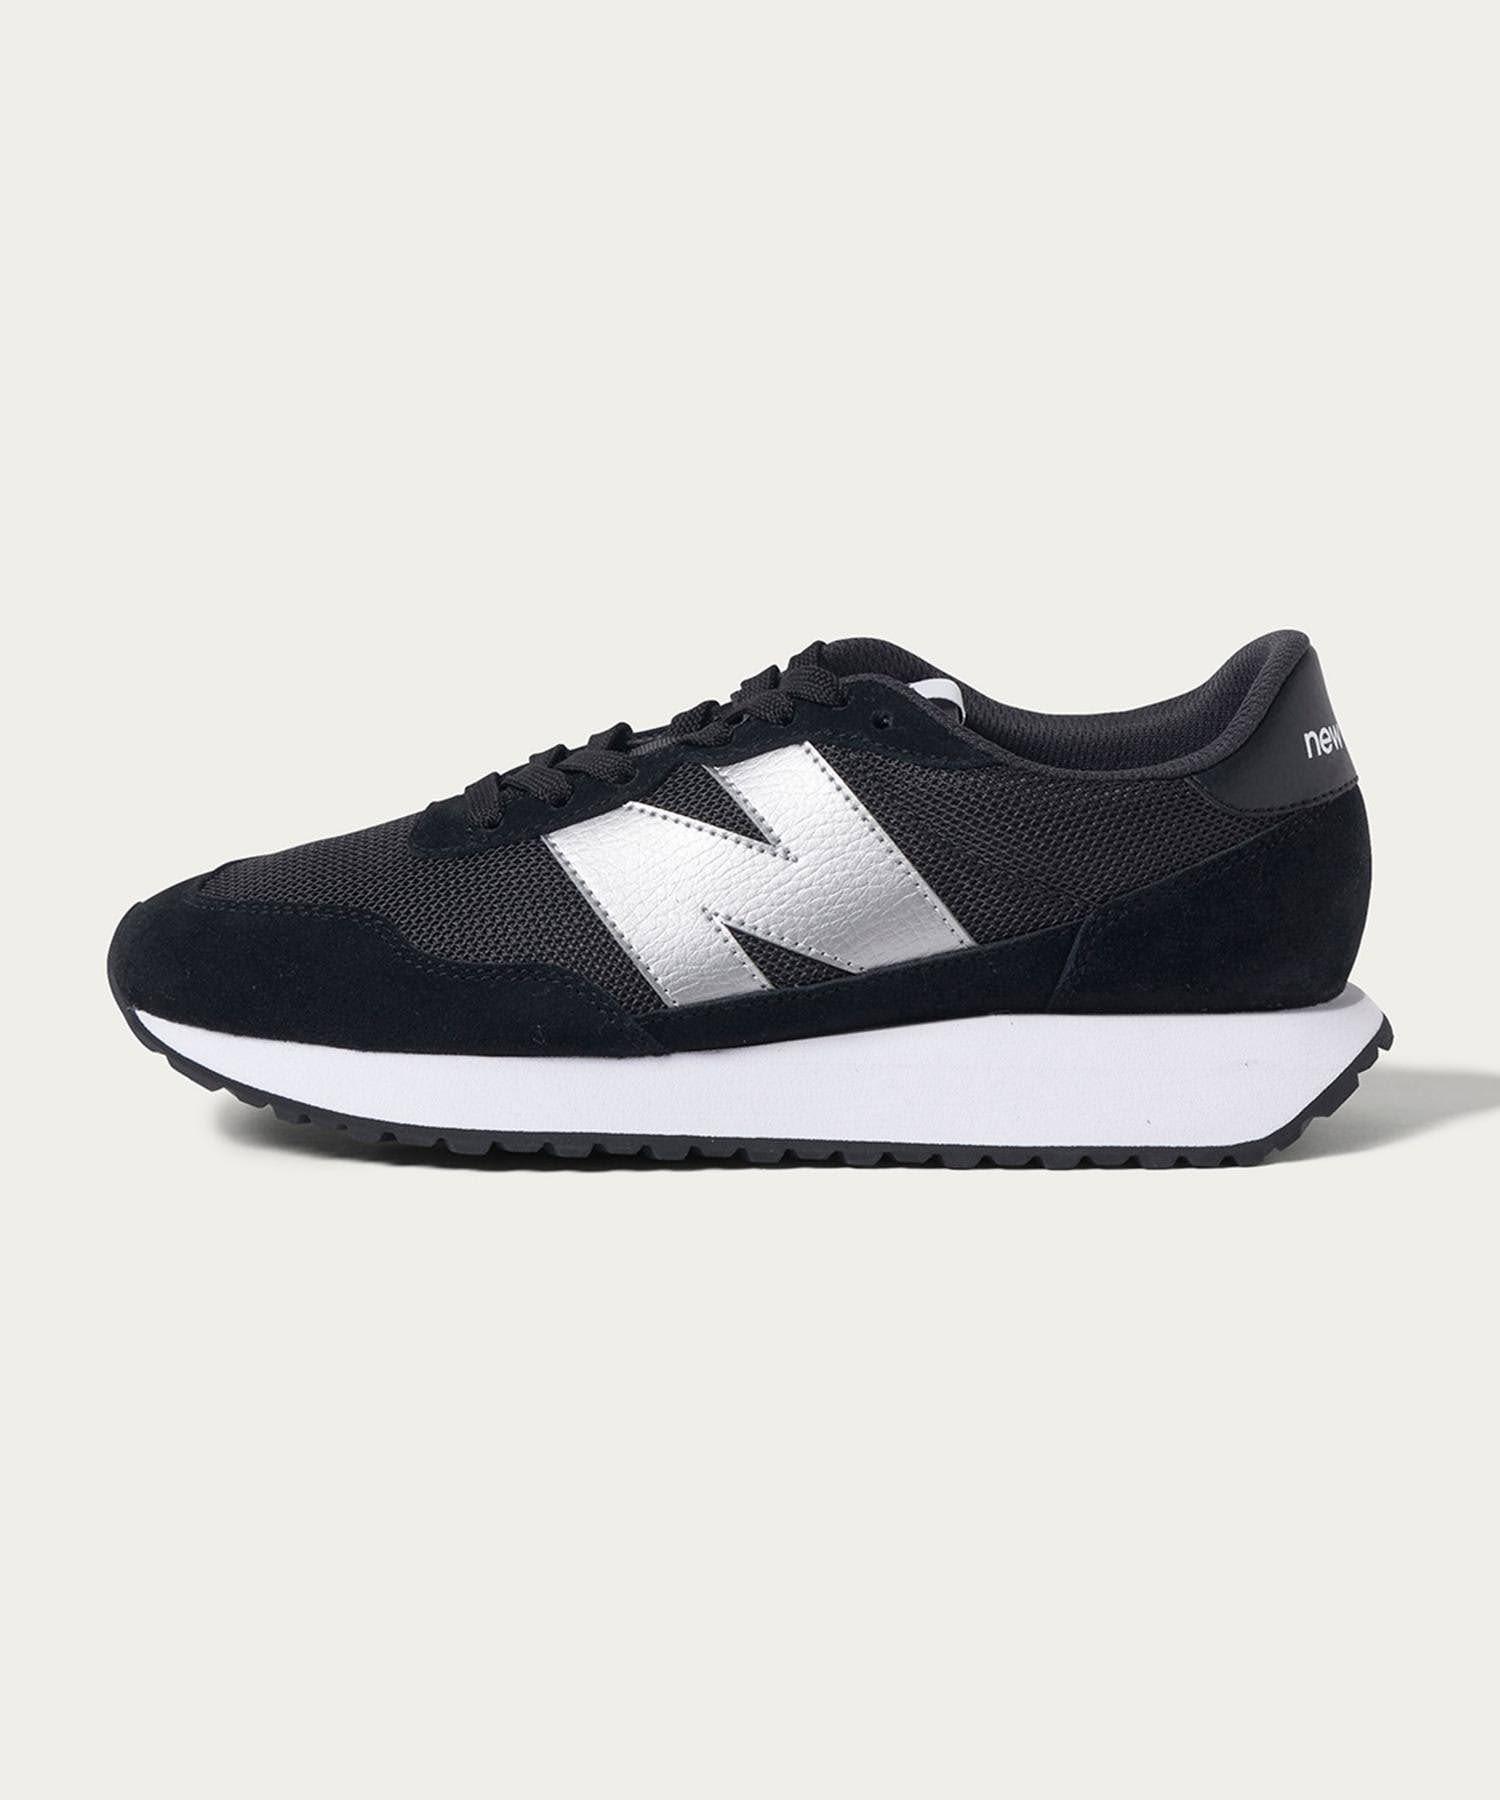 ニューバランス WS237/ ブラック New-Balance-WS237-Black-side